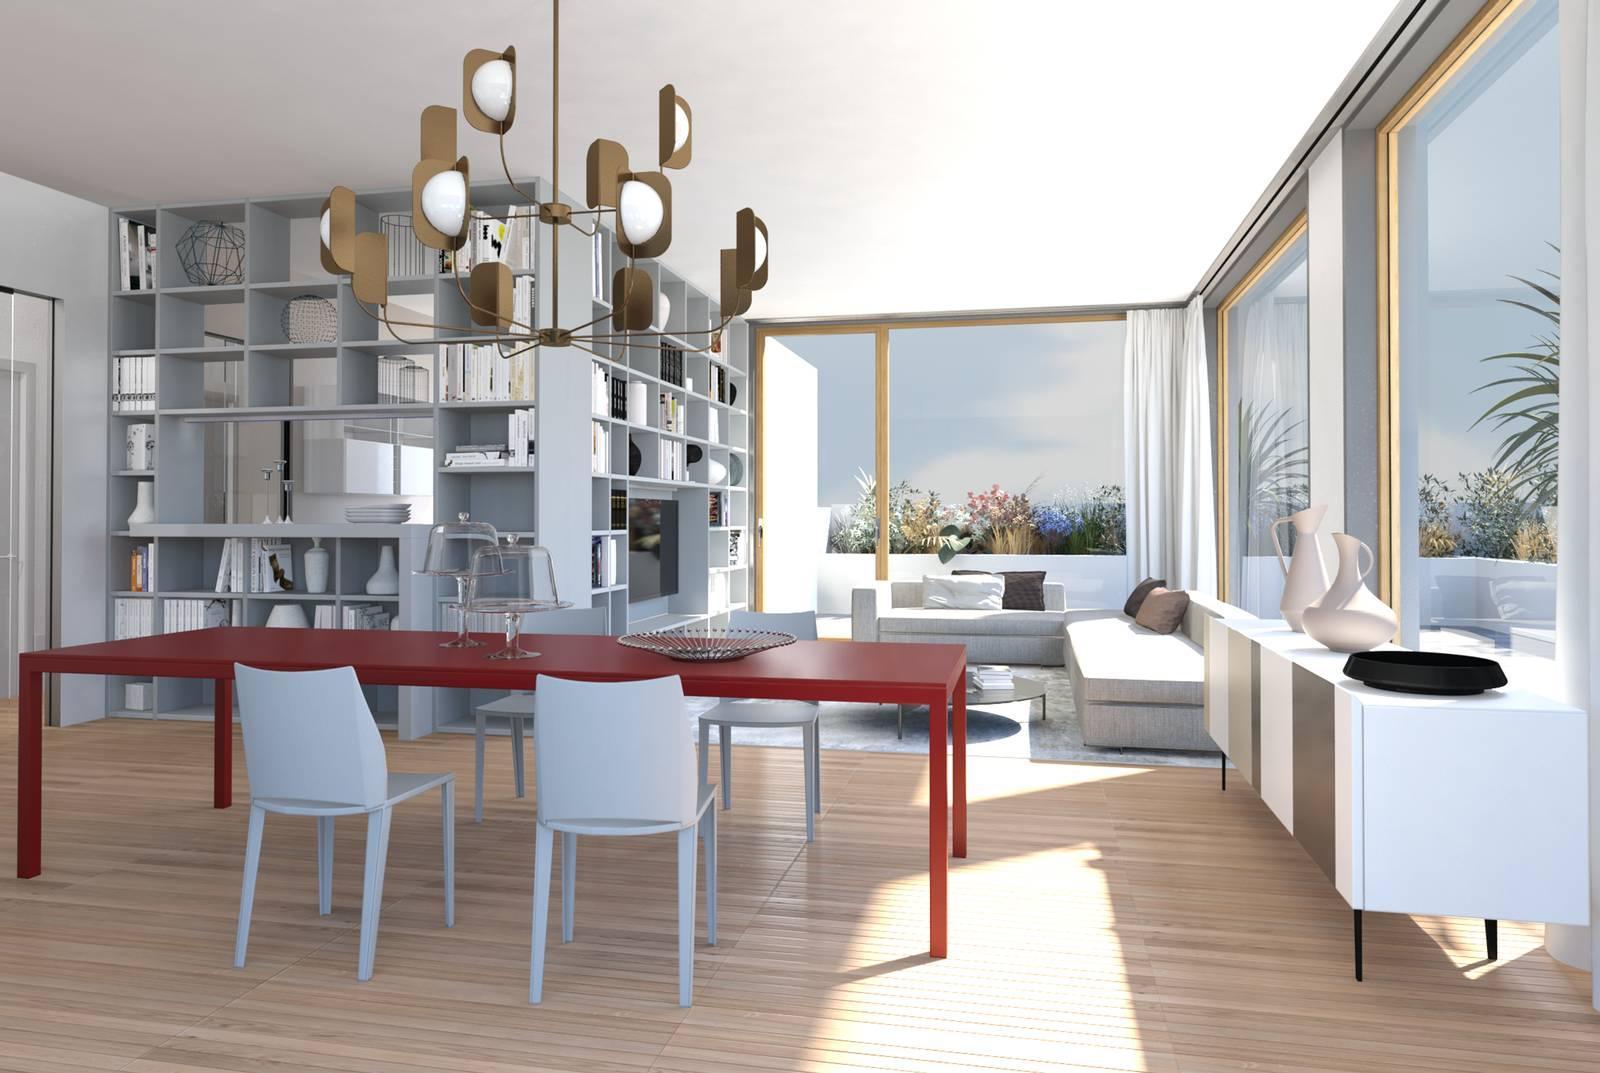 Divano E Tavolo Insieme progetto in 3d: separare cucina e soggiorno con la libreria